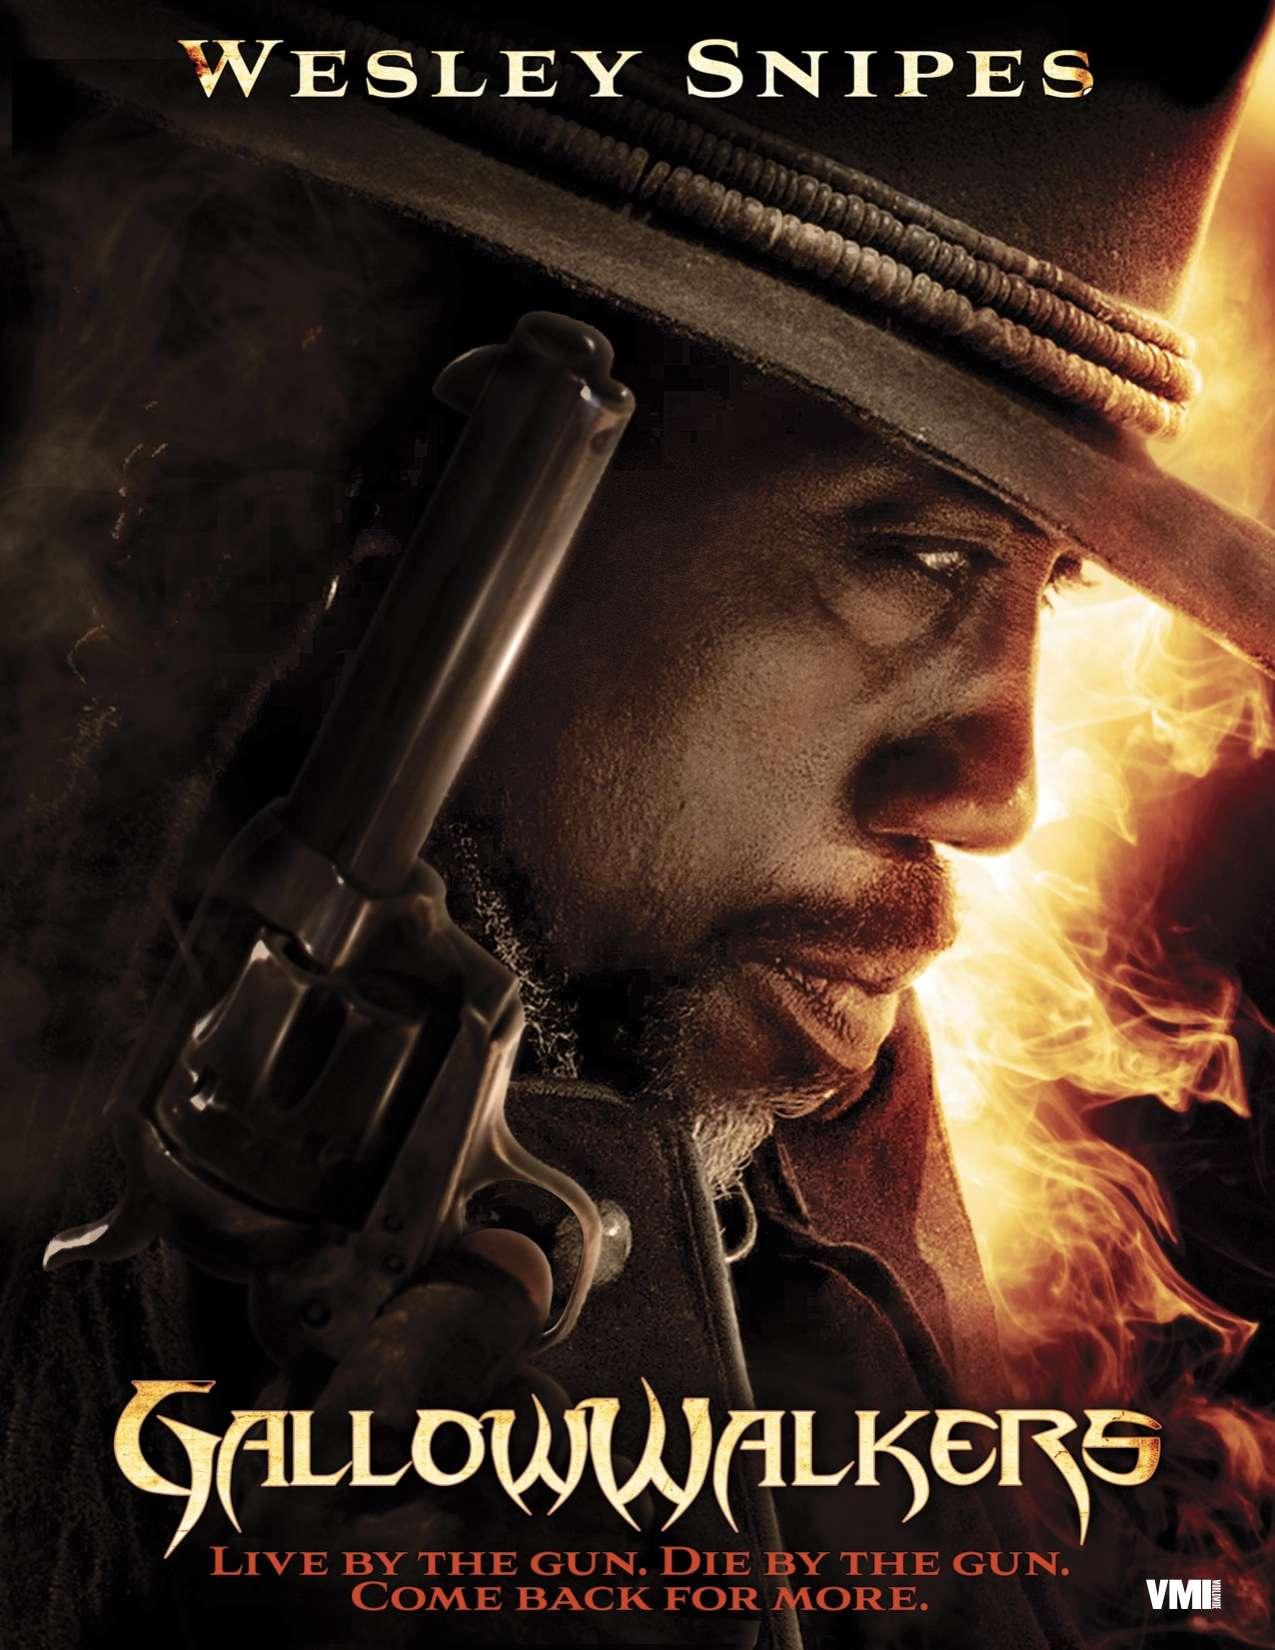 İpten Dönenler (Gallowwalkers) - 2012 Türkçe Dublaj 480p BRRip Tek Link indir